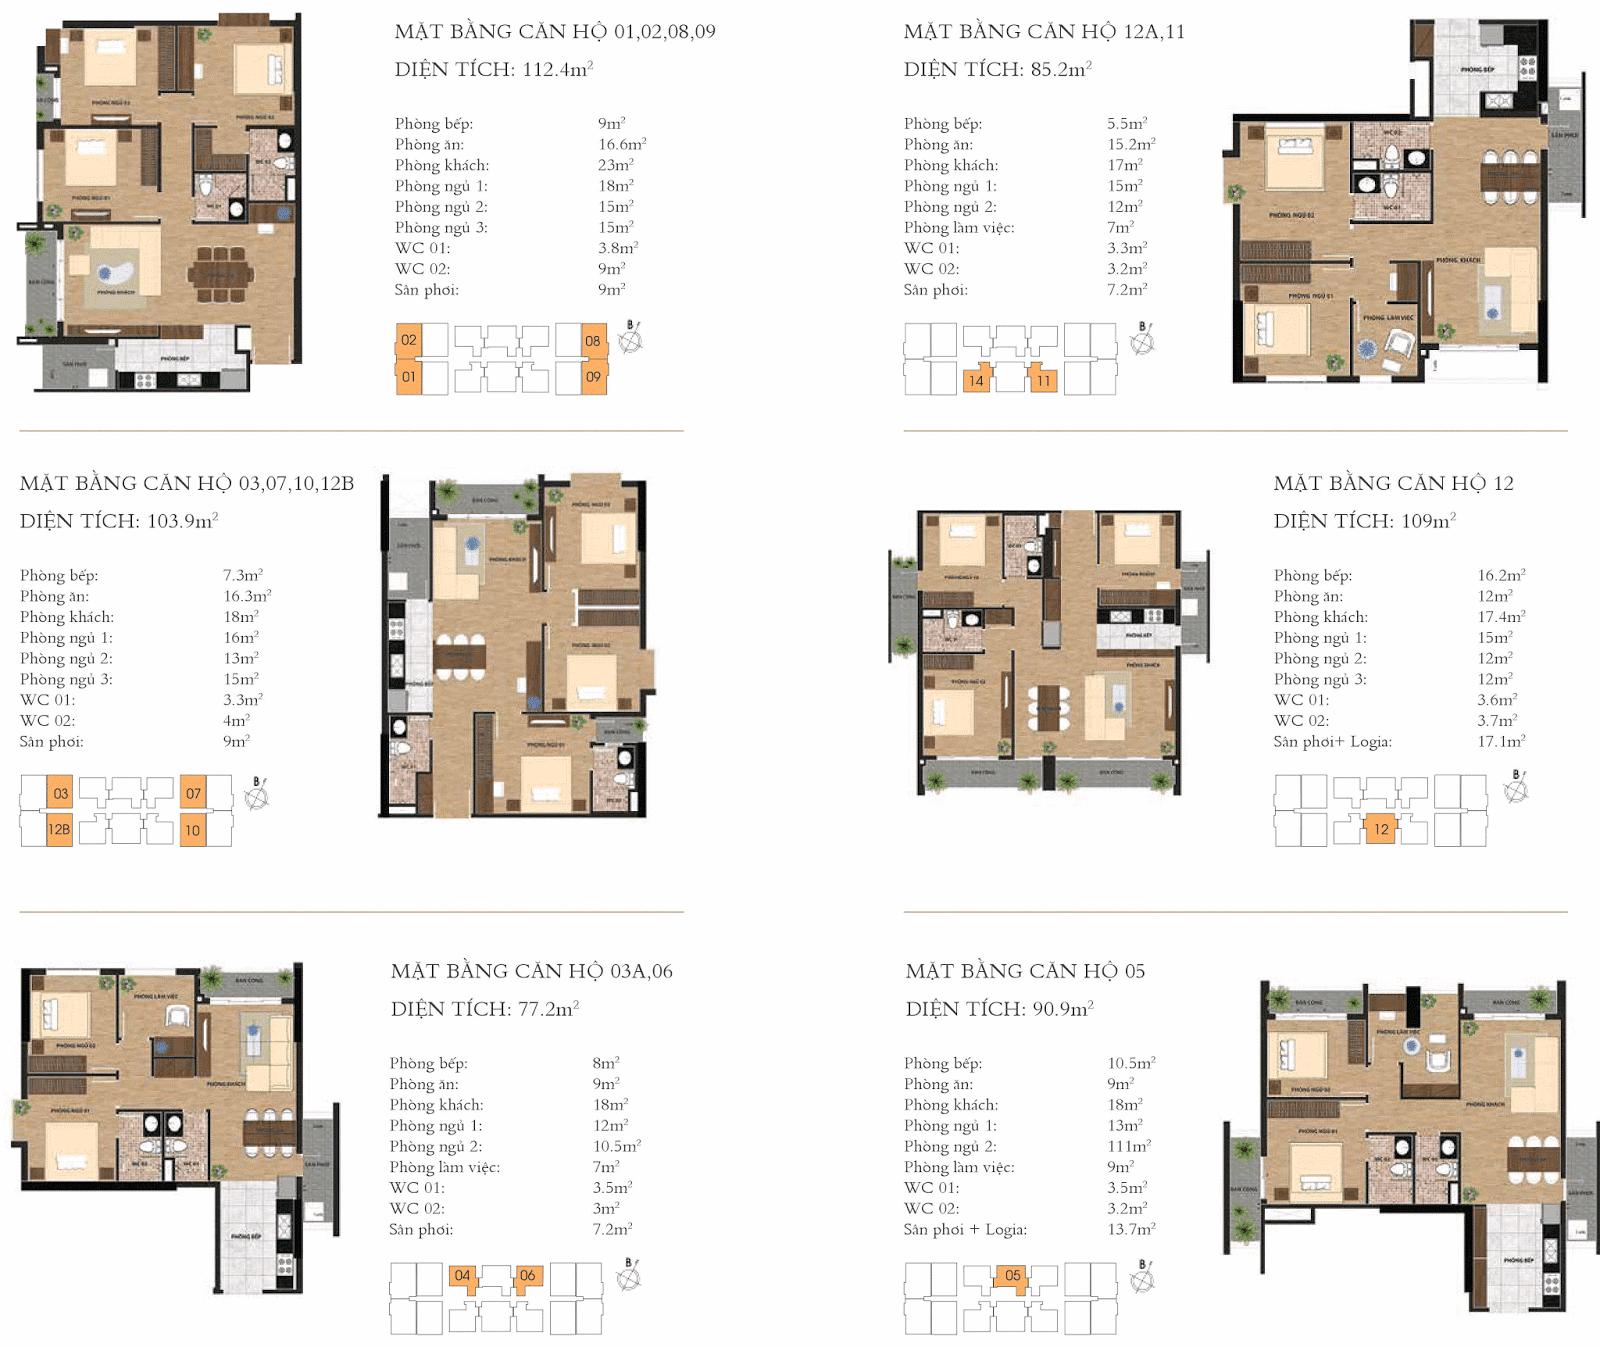 Thiết kế chi tiết các căn hộ chung cư One 18